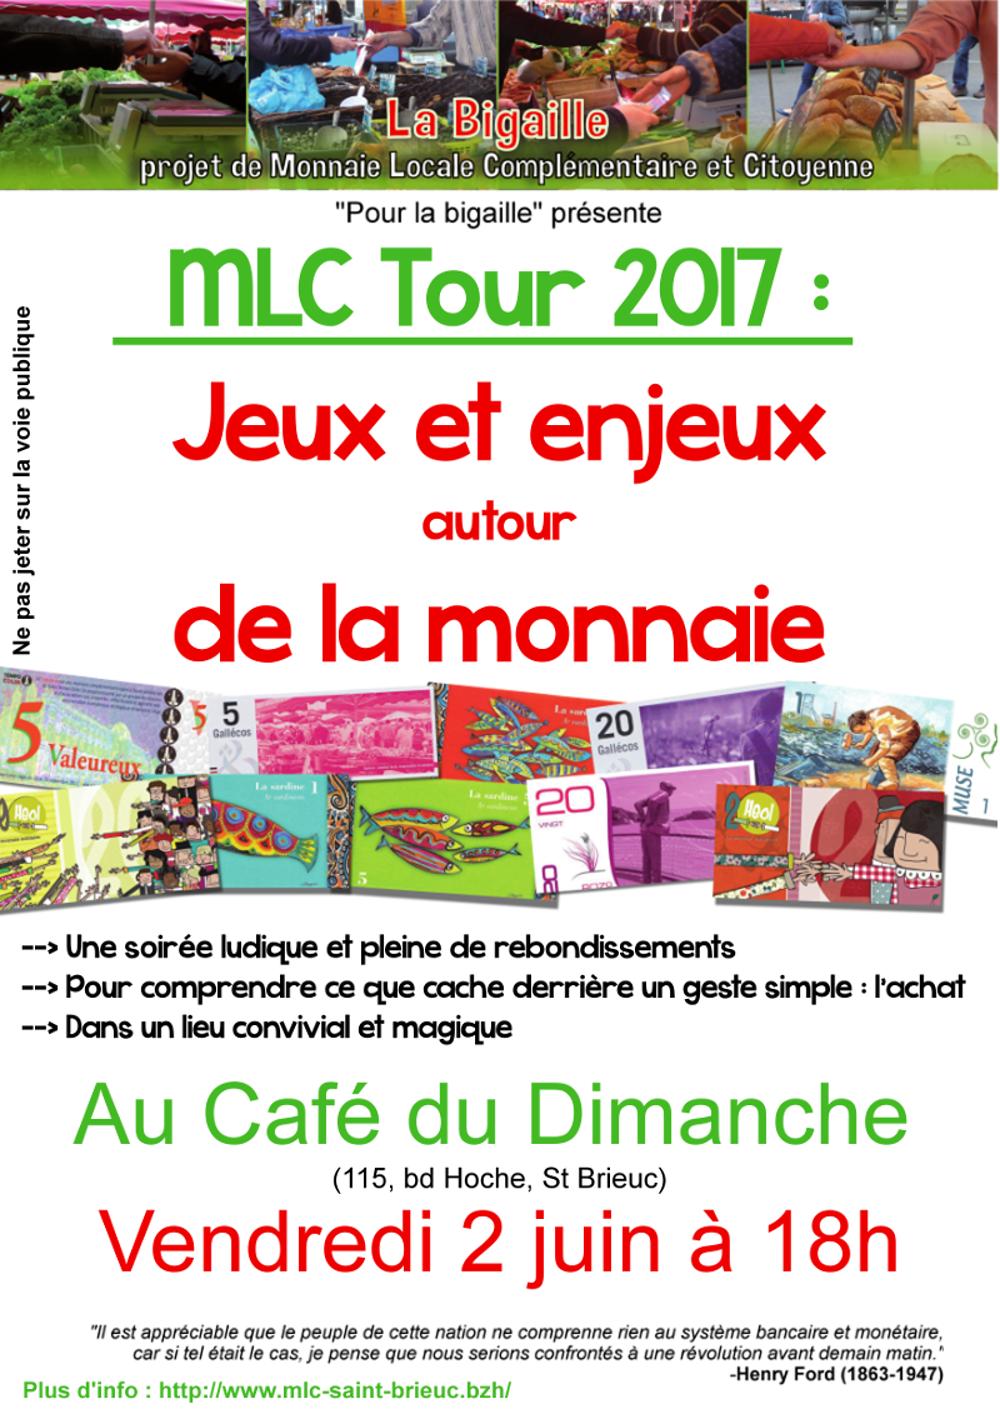 Jeux et enjeux autour de la monnaie : 2 juin, 18h au Café du Dimanche affichemlctourbdef